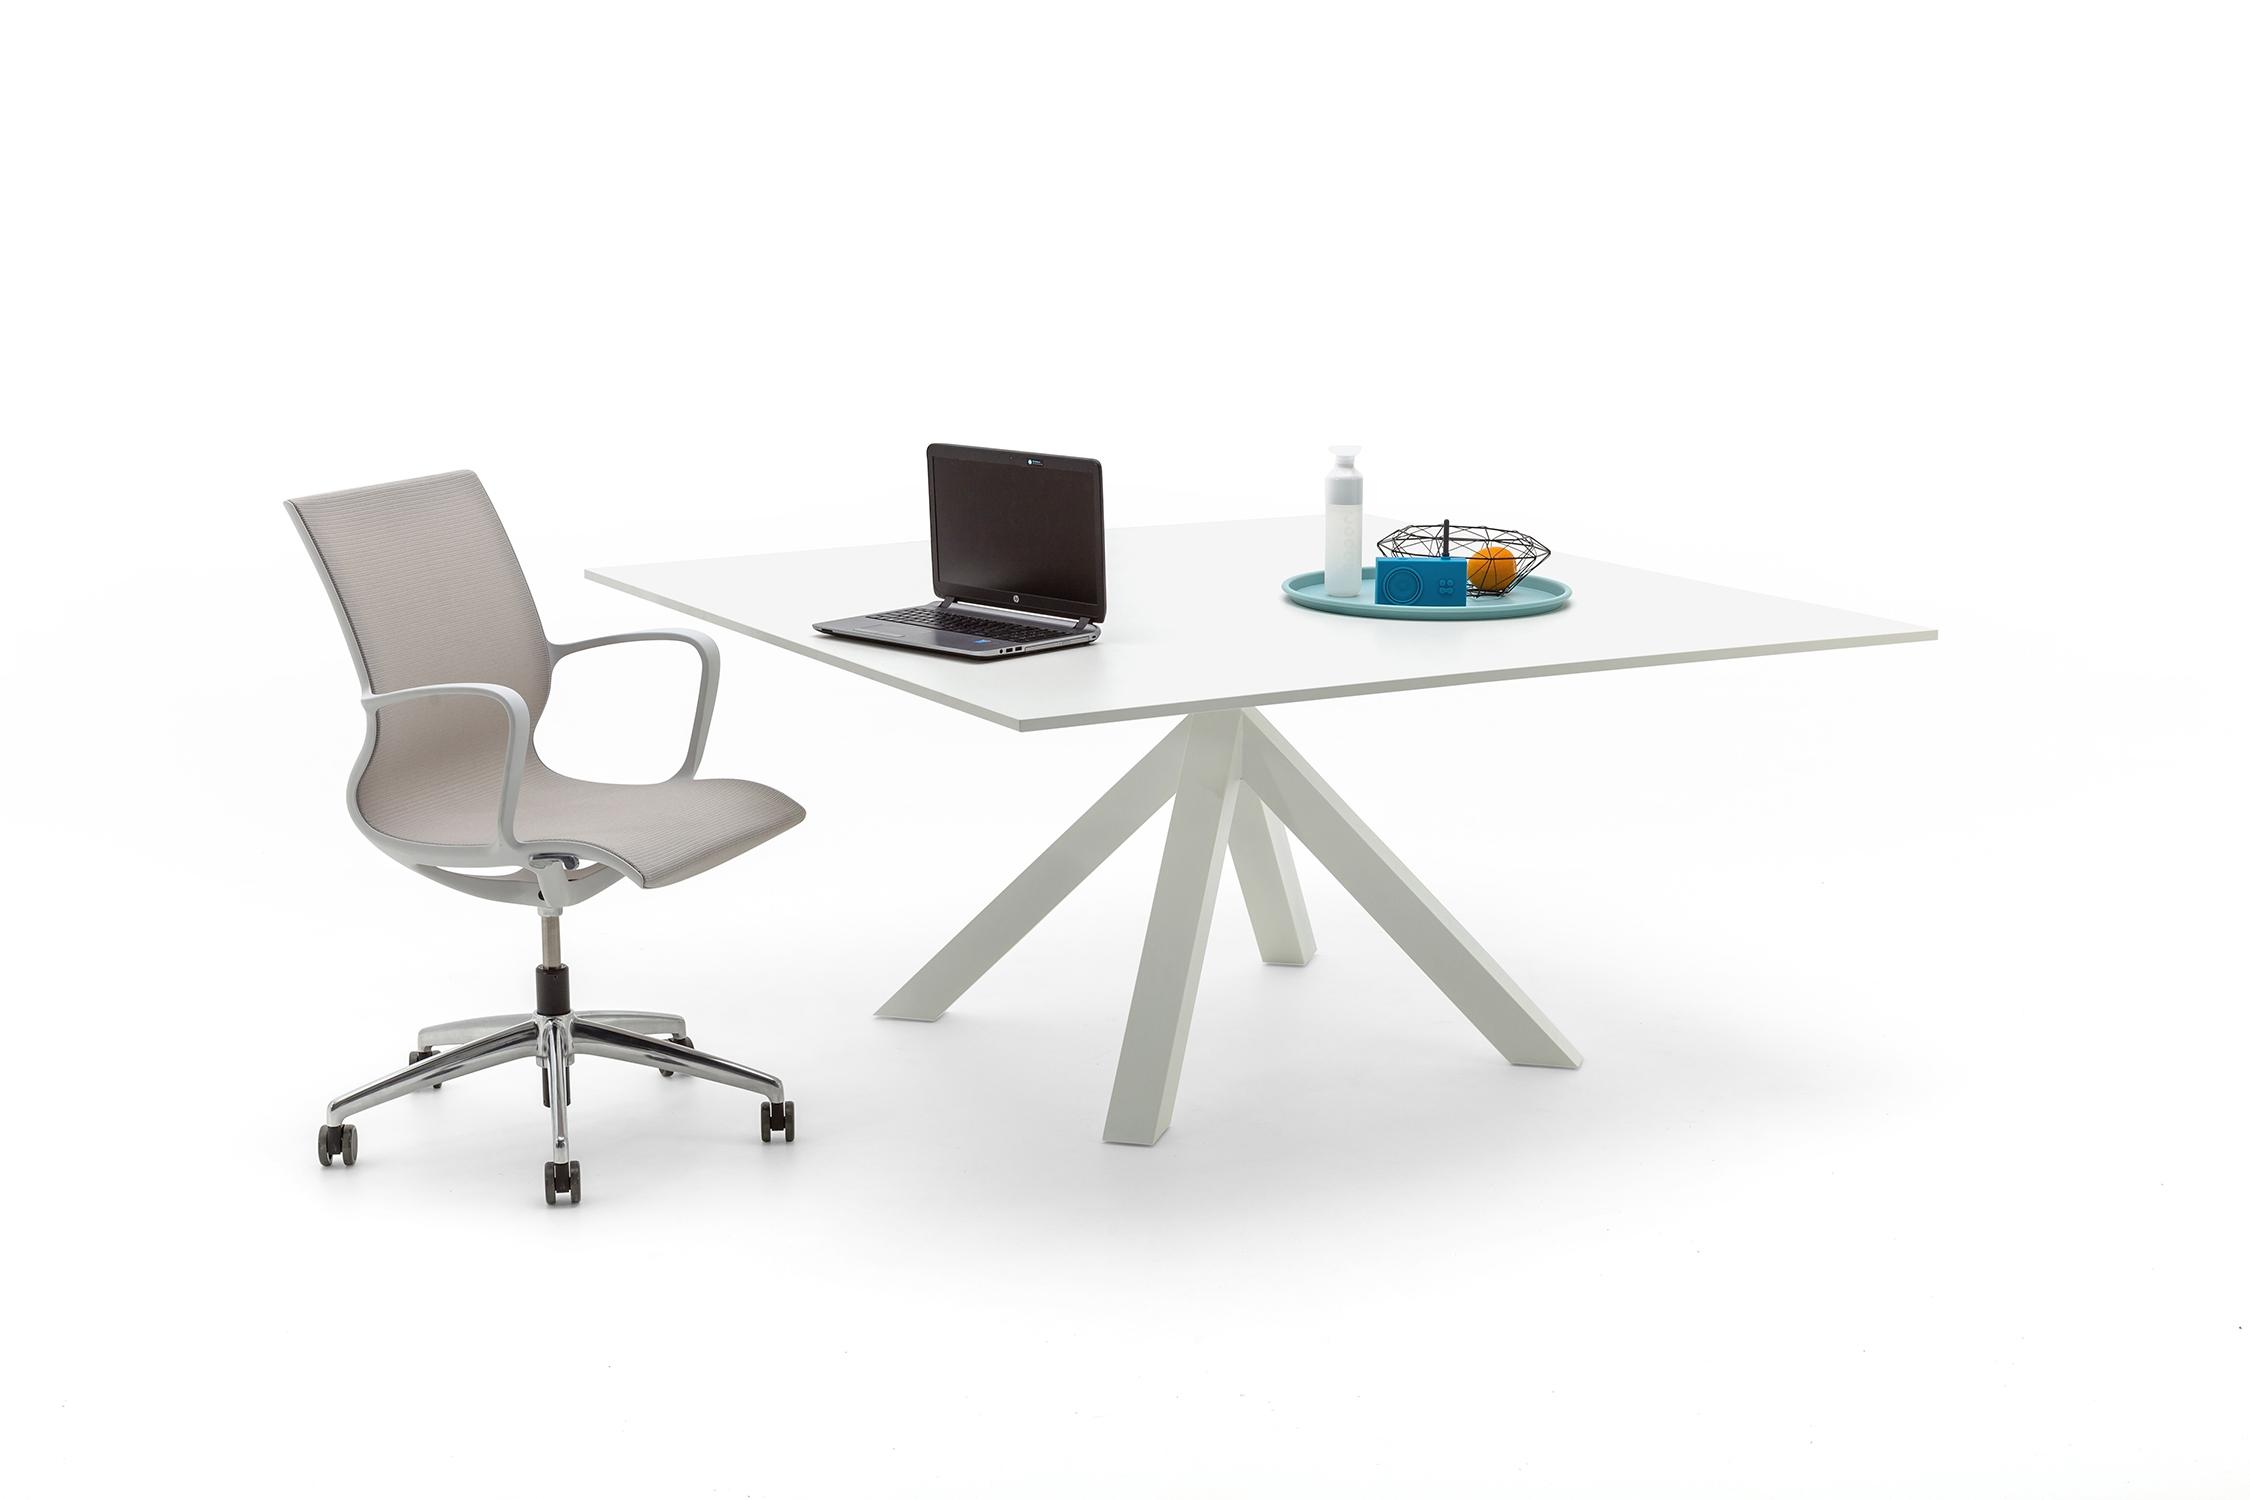 Gispen dukdalf tafel up kantoorinrichting